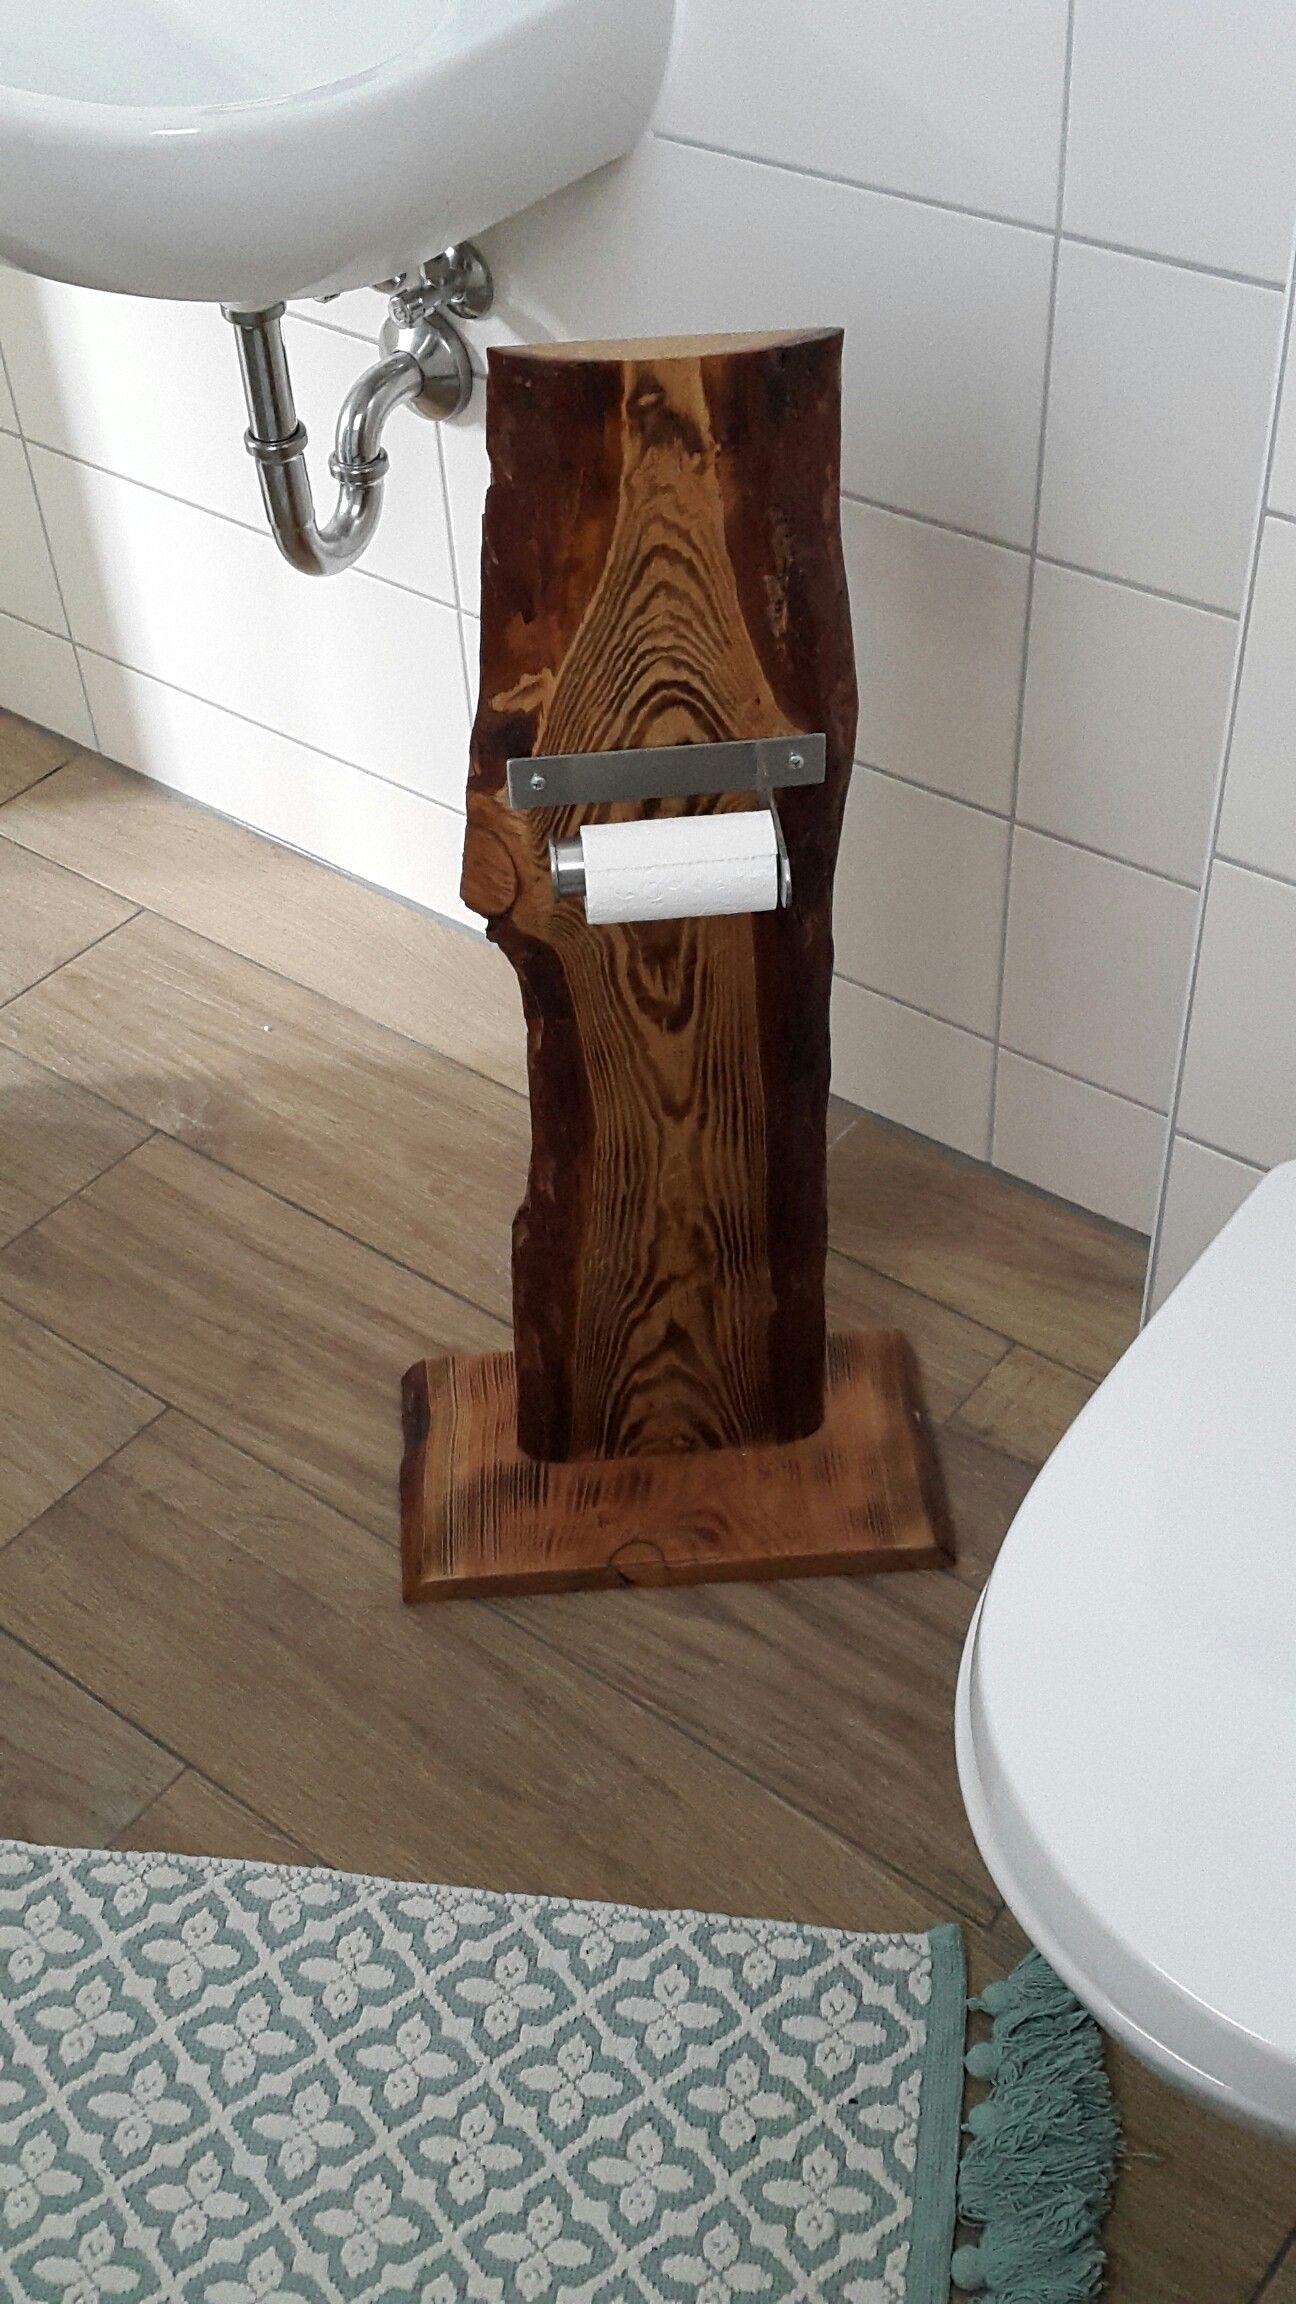 Badmobel Landhausstil Holz Badezimmer Online Shop Schmale Badmobel 20 Cm Tiefe Badmobel Set 20 Cm Tief Gun Schrank Waschbeckenunterschrank Online Mobel